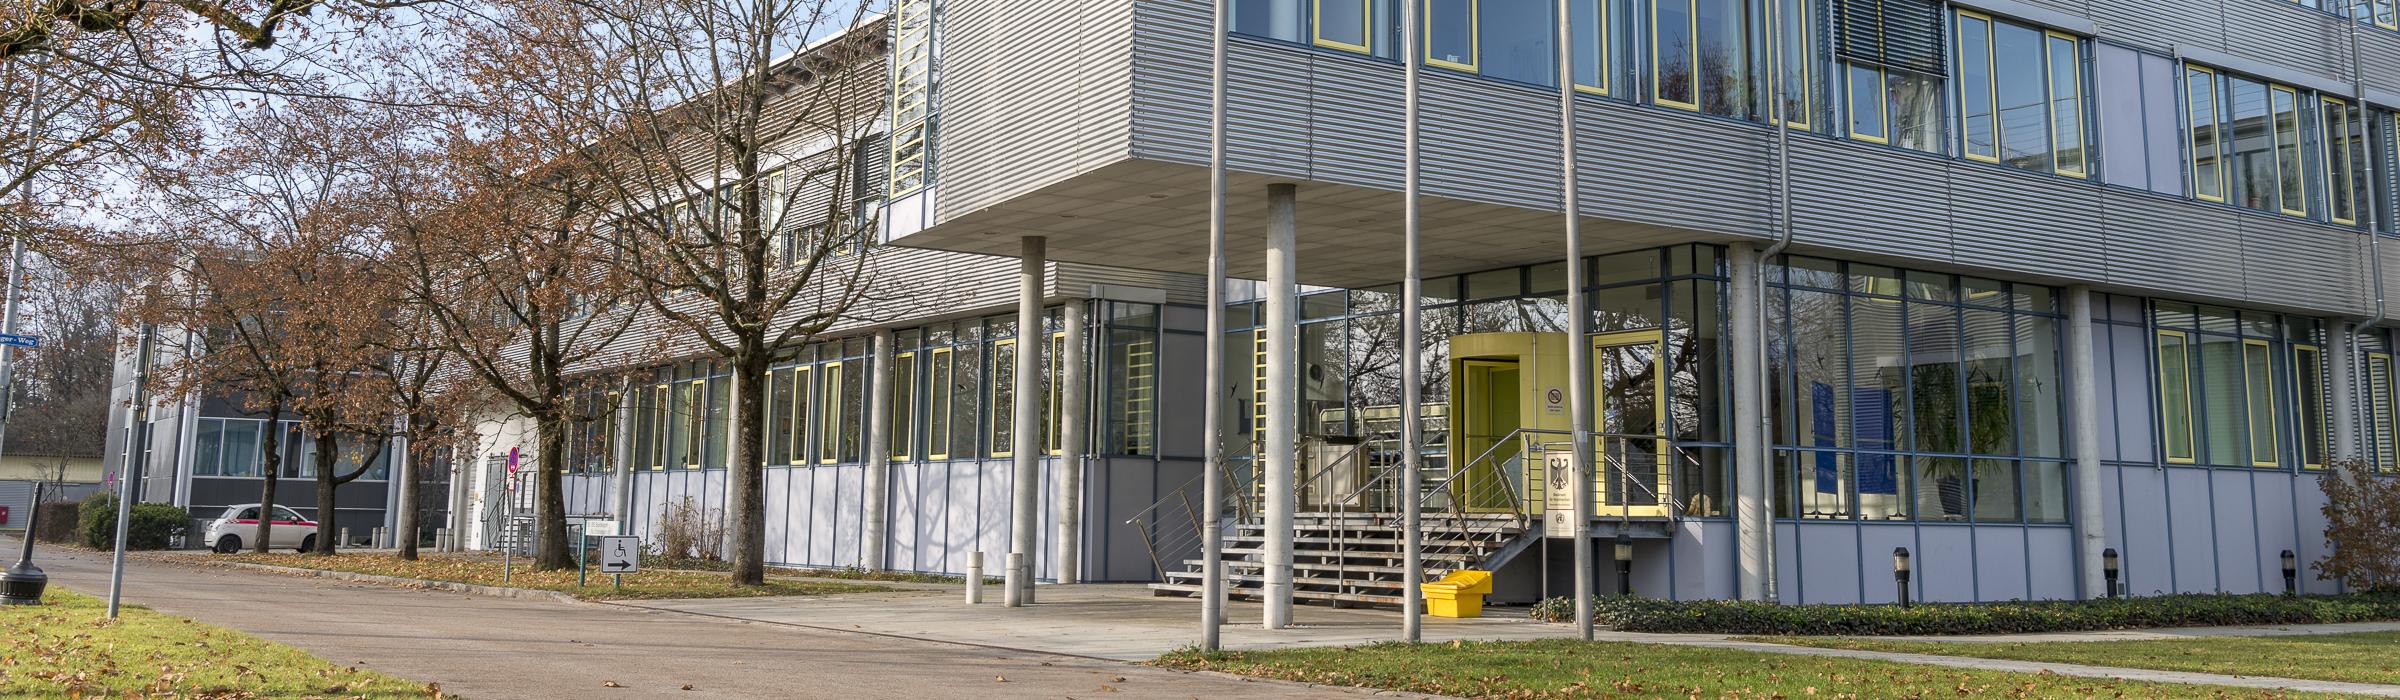 Gebäude Neuherberg Bundesamt für Strahlenschutz